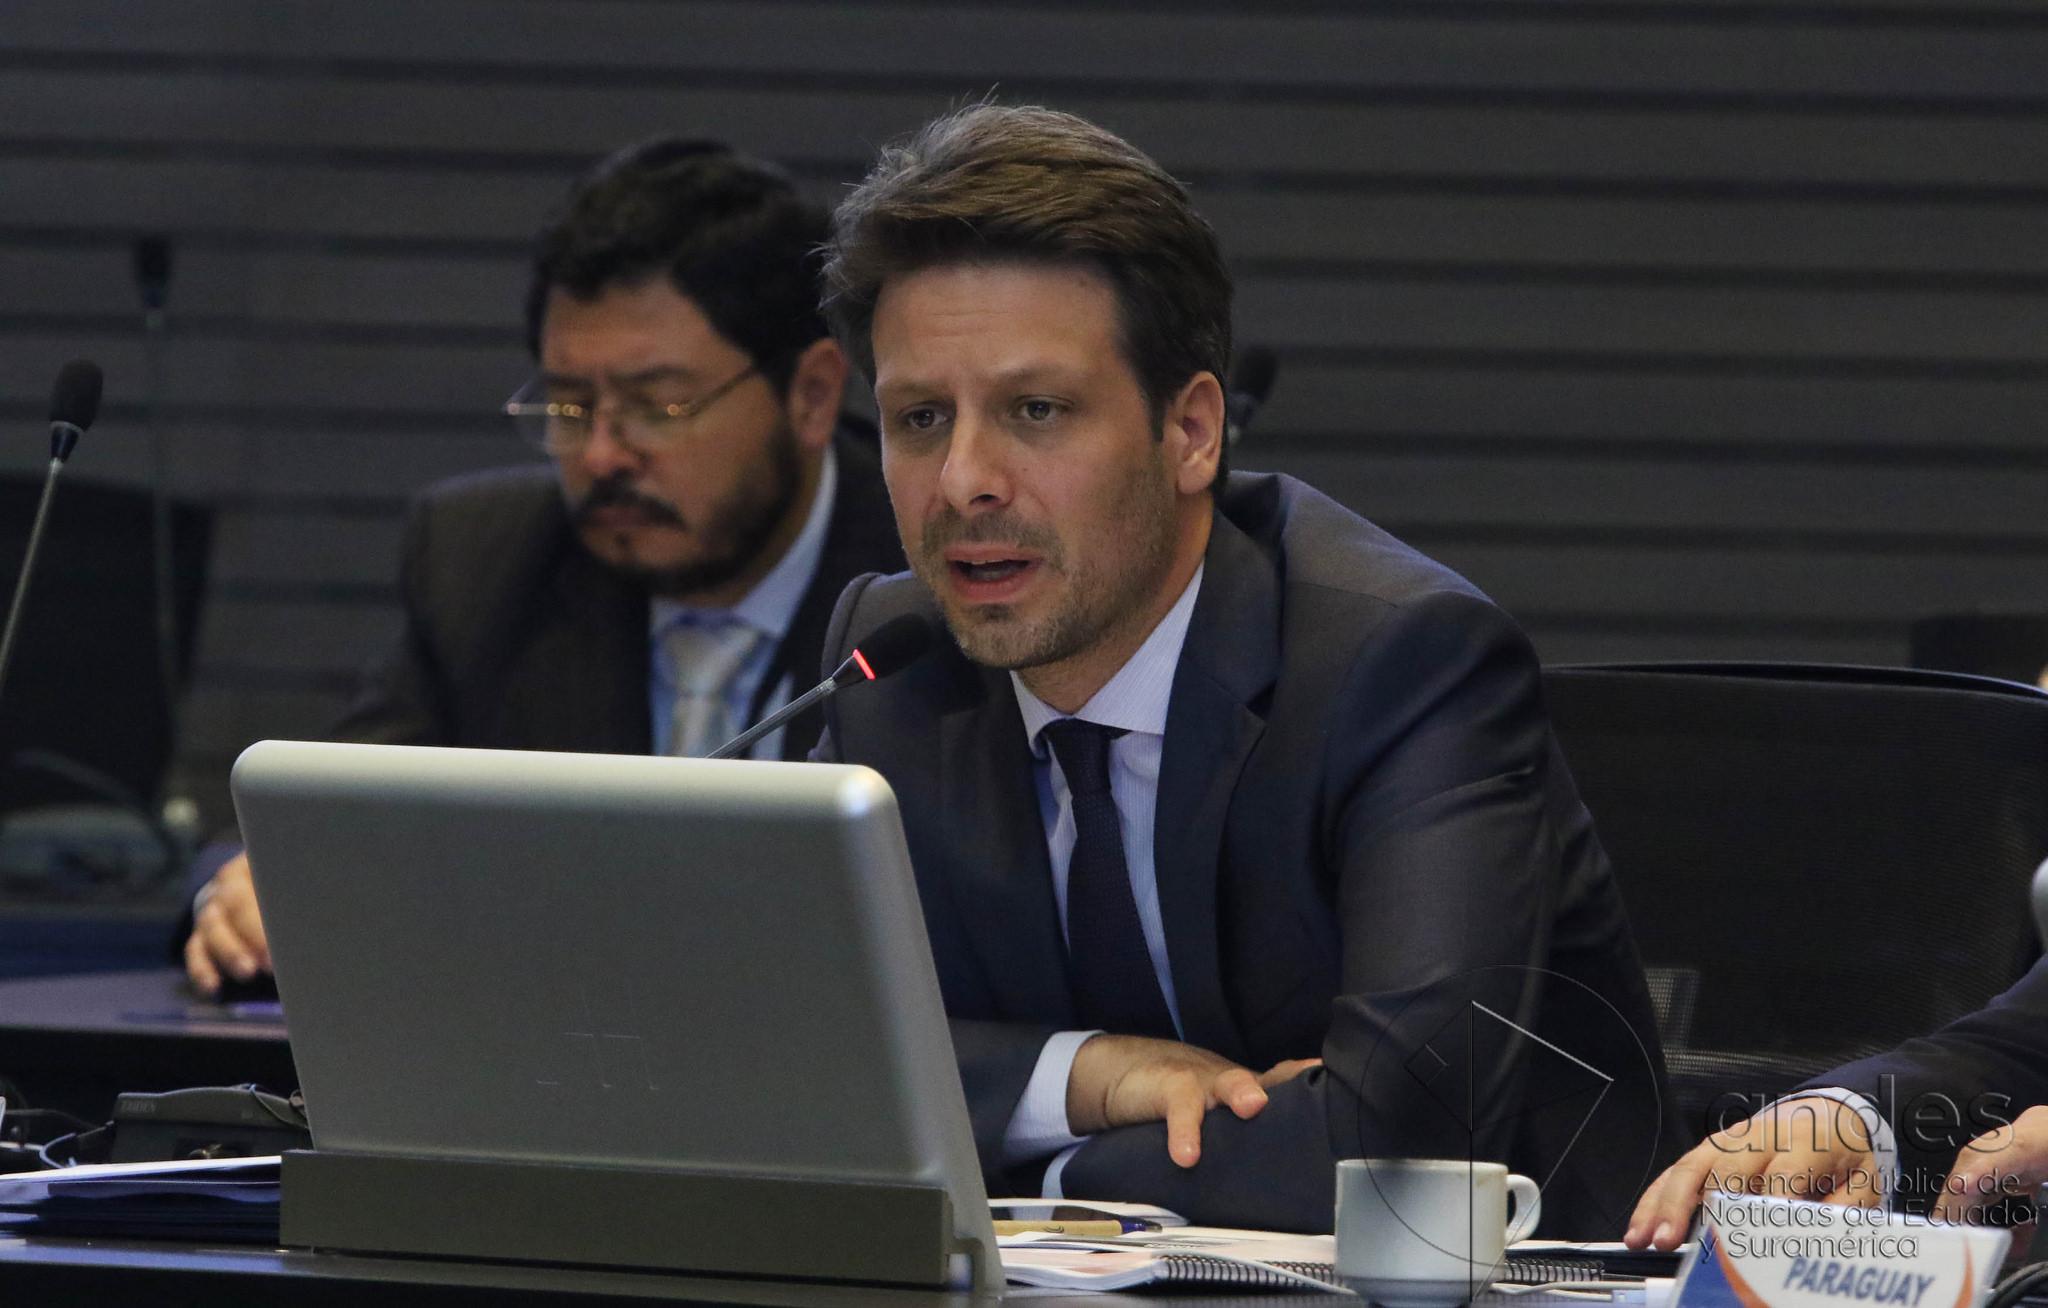 Quito, 23 abr (Andes).- En la sede de la Unasur se llevo a cabo la Reunión Ordinaria de Ministros y Ministras de Estado de los países miembros de de la Unión de Naciones Suramericanas (Unasur). En la gráfica de Ecuador Guillaume Long. ANDES/Micaela Ayala V.